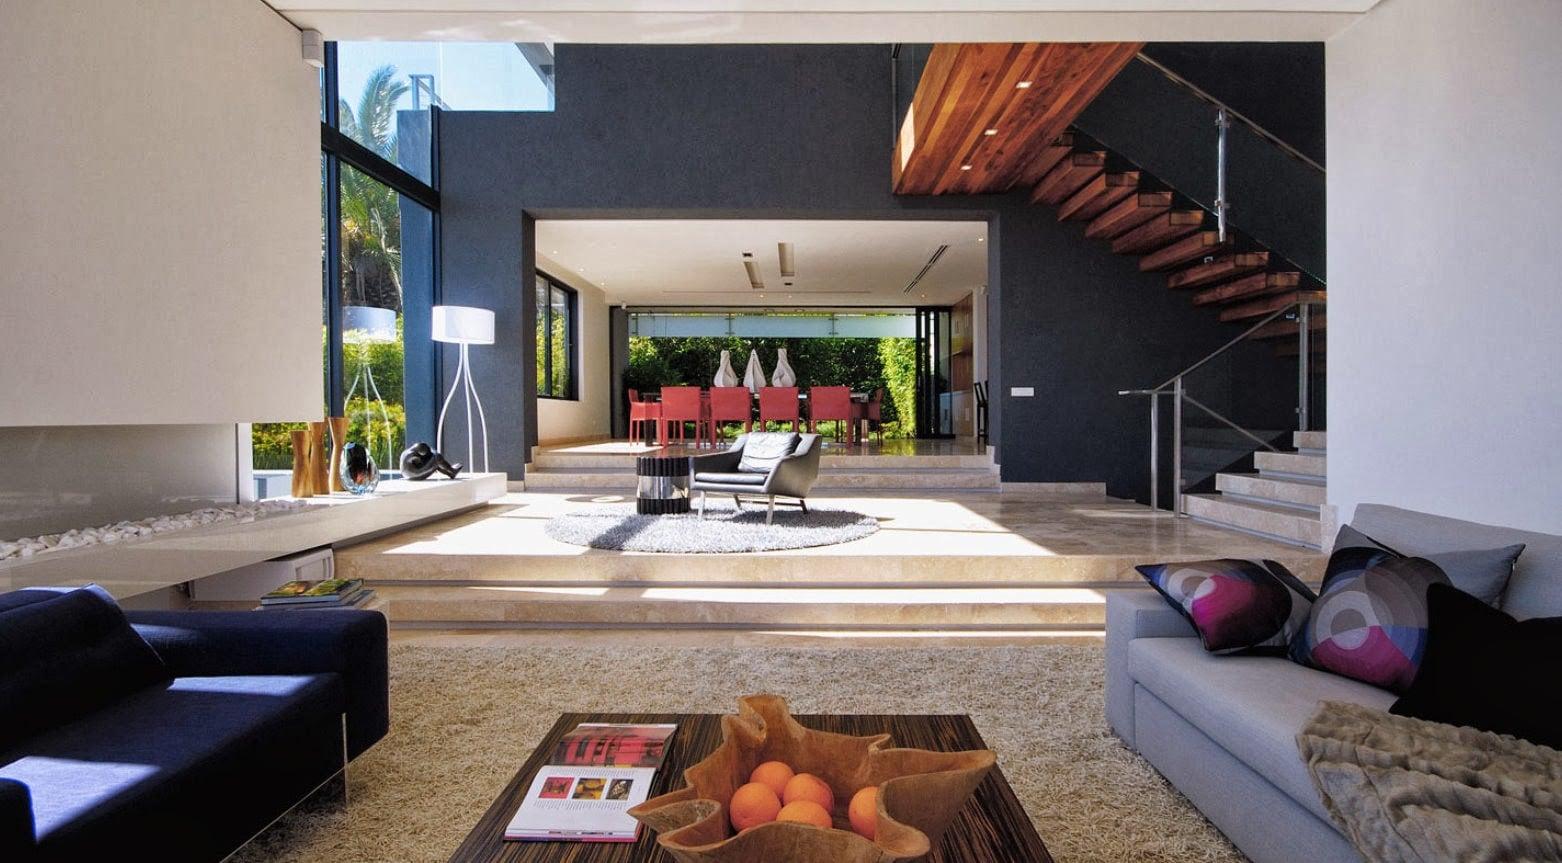 Kemewahan Desain Interior Rumah Idaman 50 Dengan Tambahan Perencana Dekorasi Rumah dengan Desain Interior Rumah Idaman